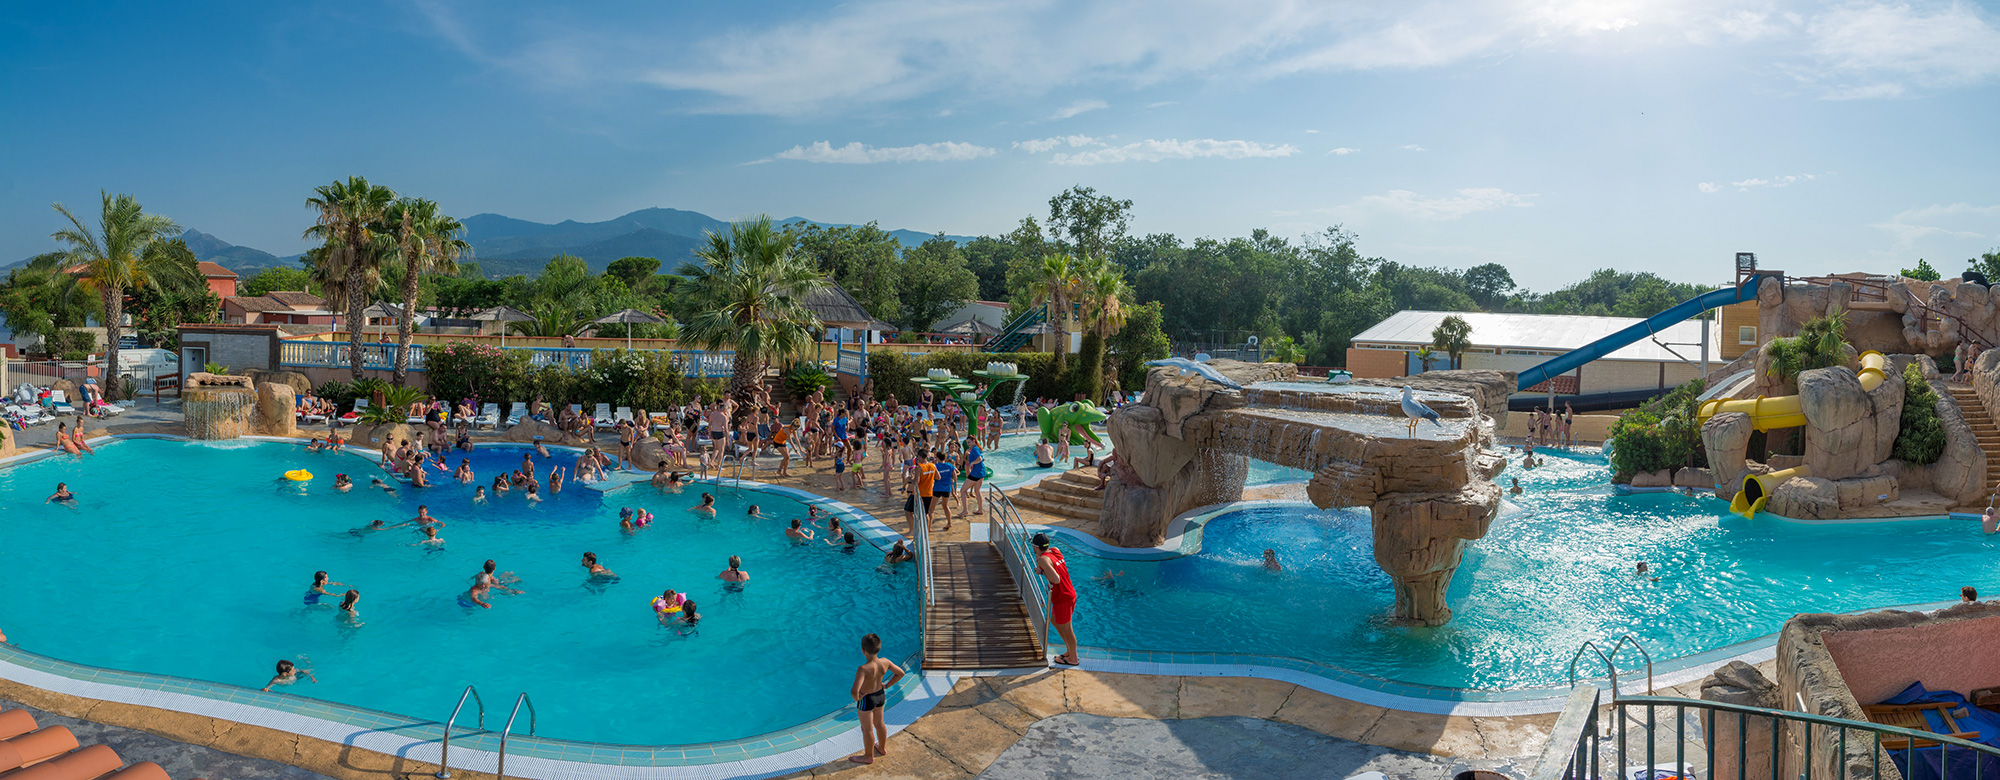 Camping argeles sur mer avec piscine parc aquatique - Camping dans le vercors avec piscine ...